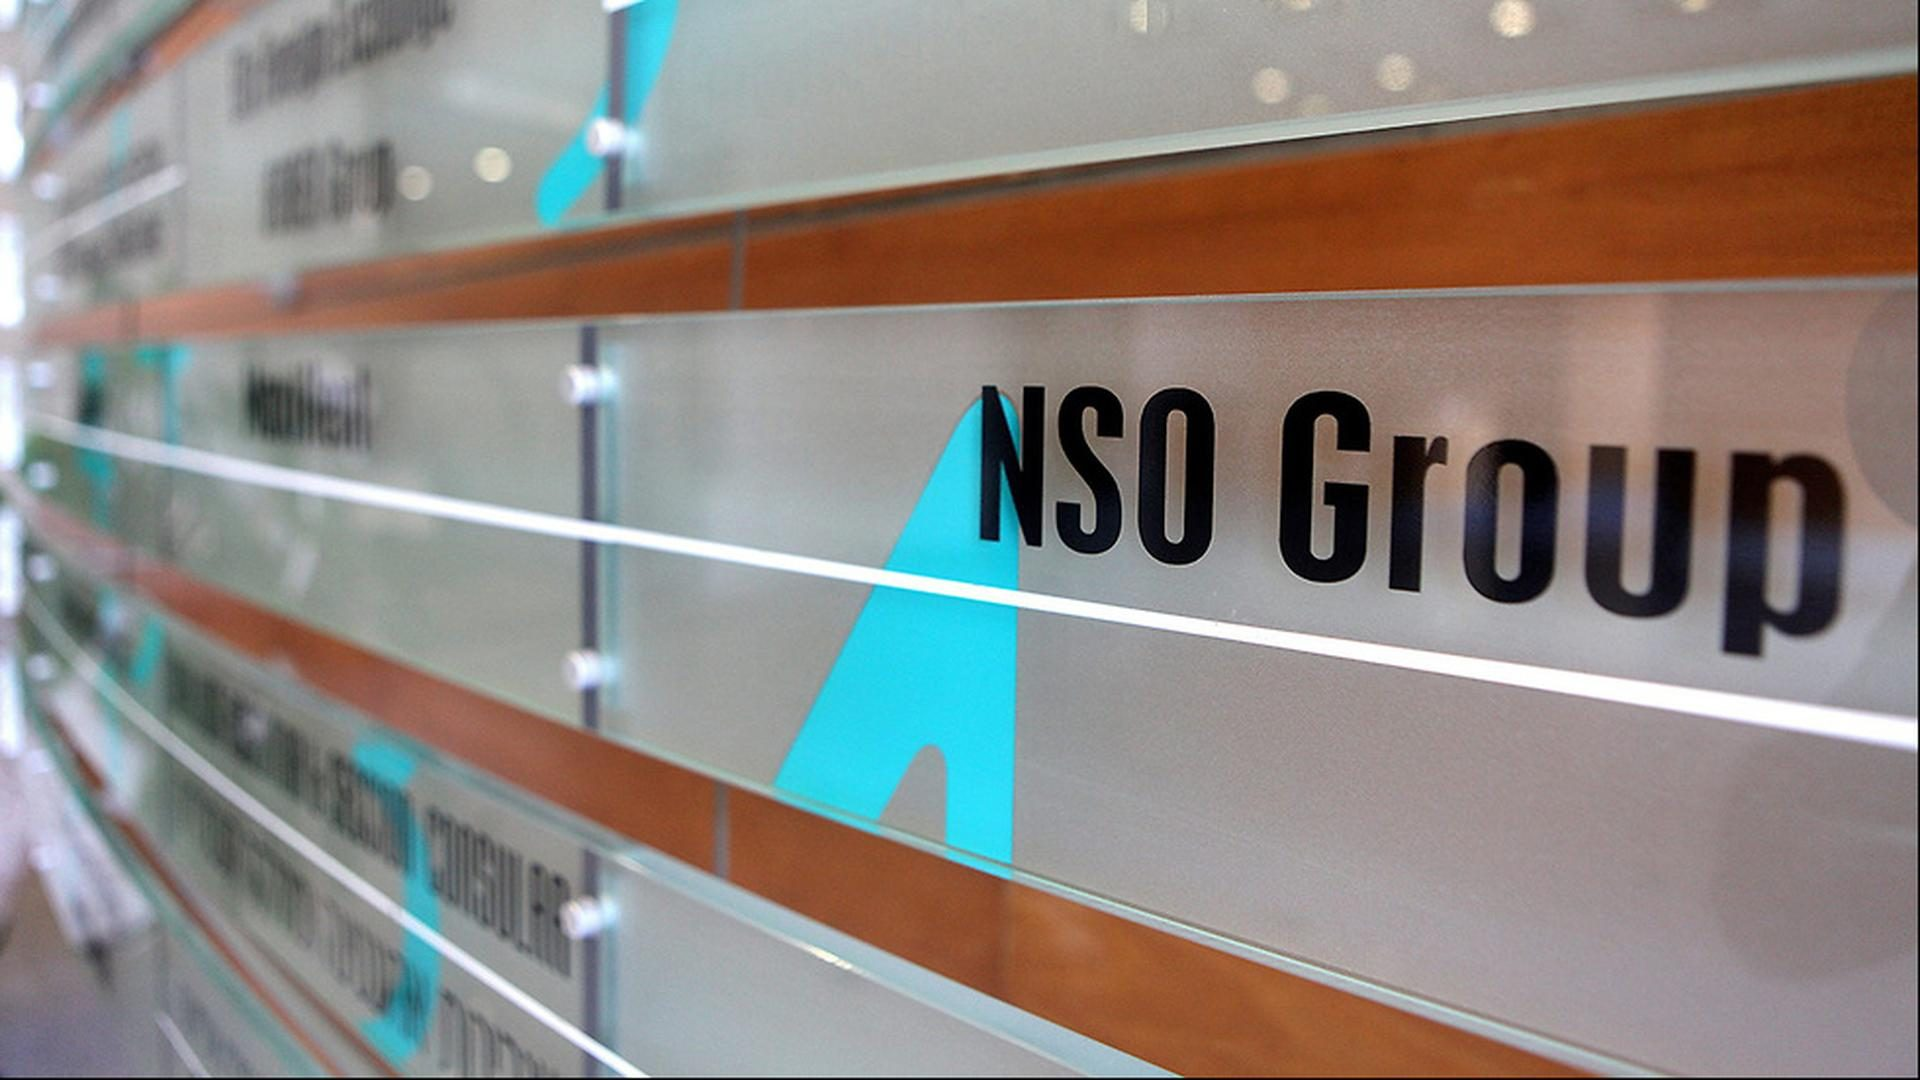 NSO Group ar fi investigată de FBI încă din 2017, pentru suspiciuni de spionaj